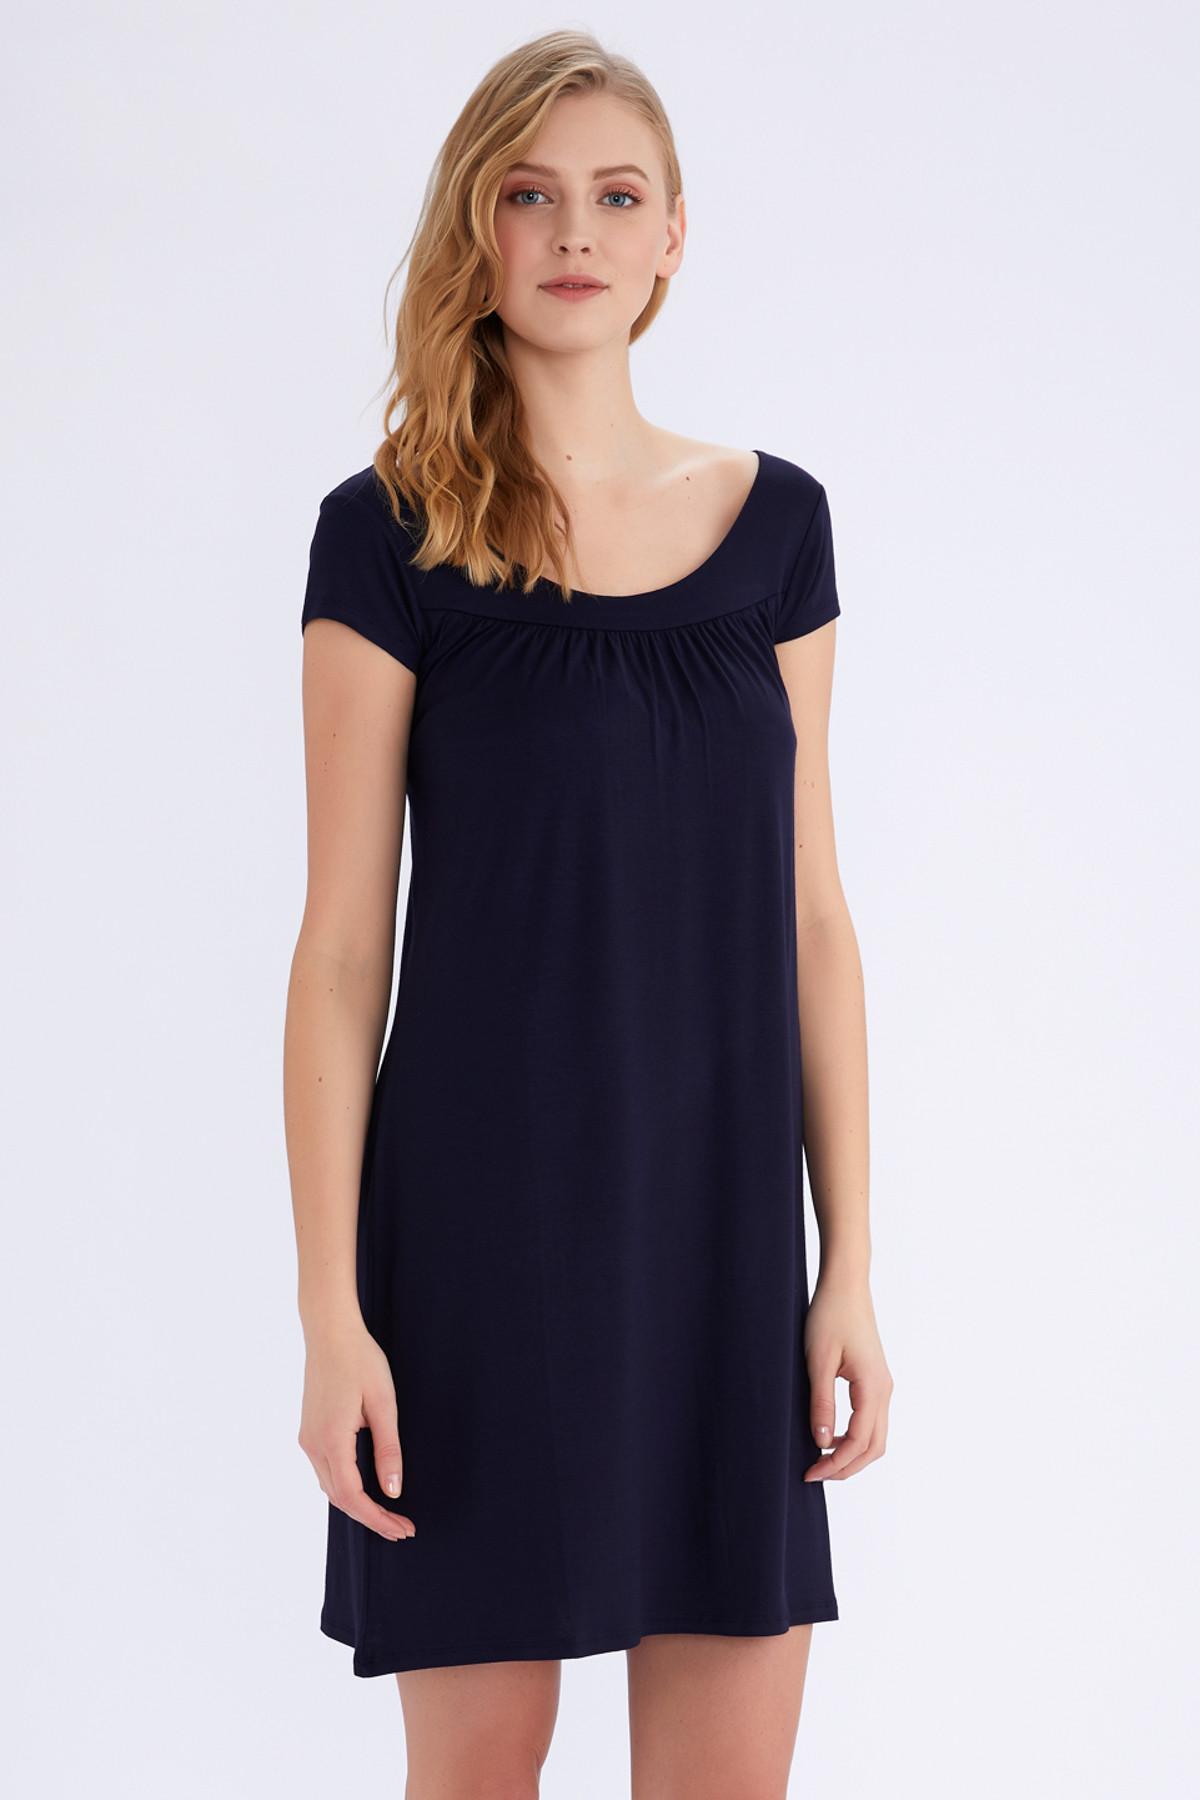 AYYILDIZ Kadın Lacivert Düz Elbise 59333 1